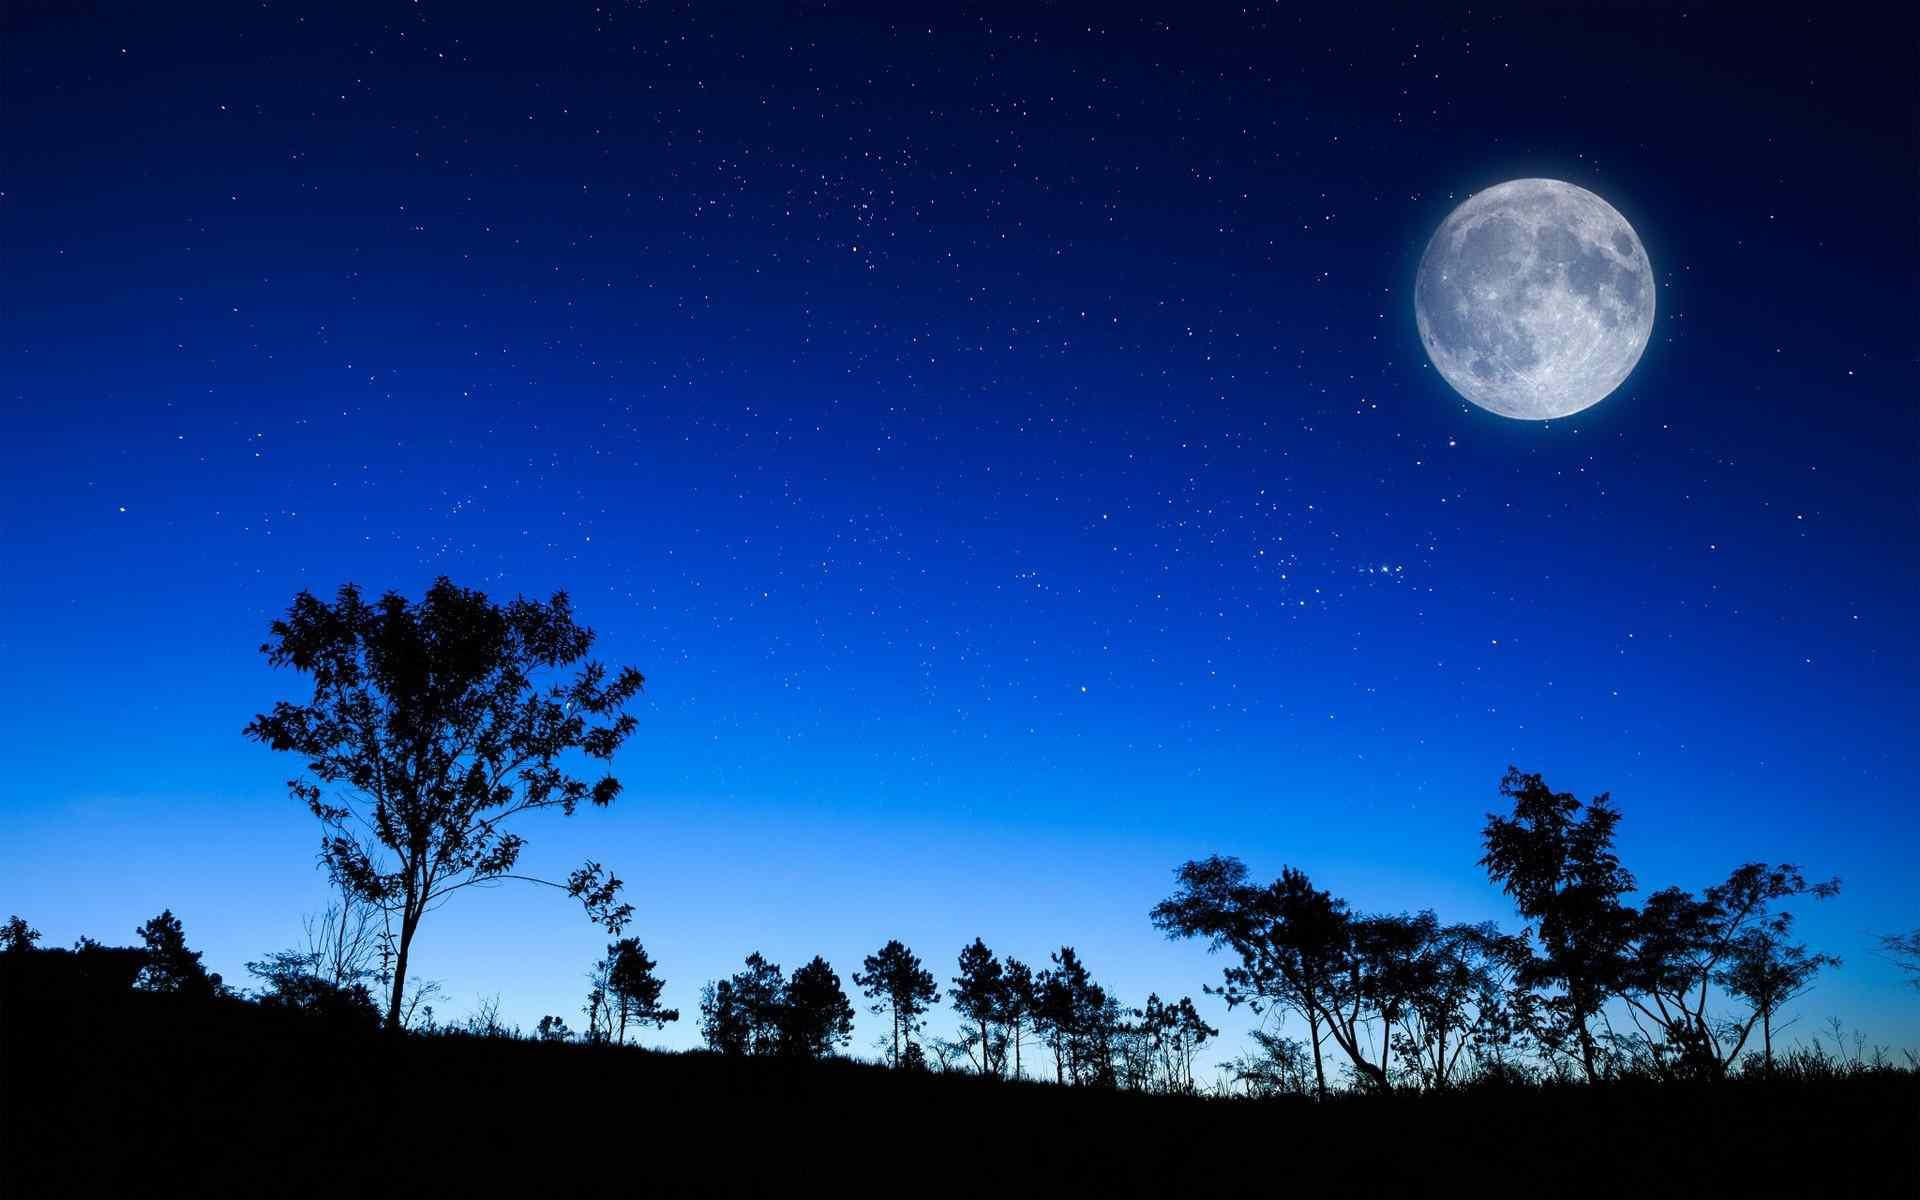 moon-at-night-images-wallpaper